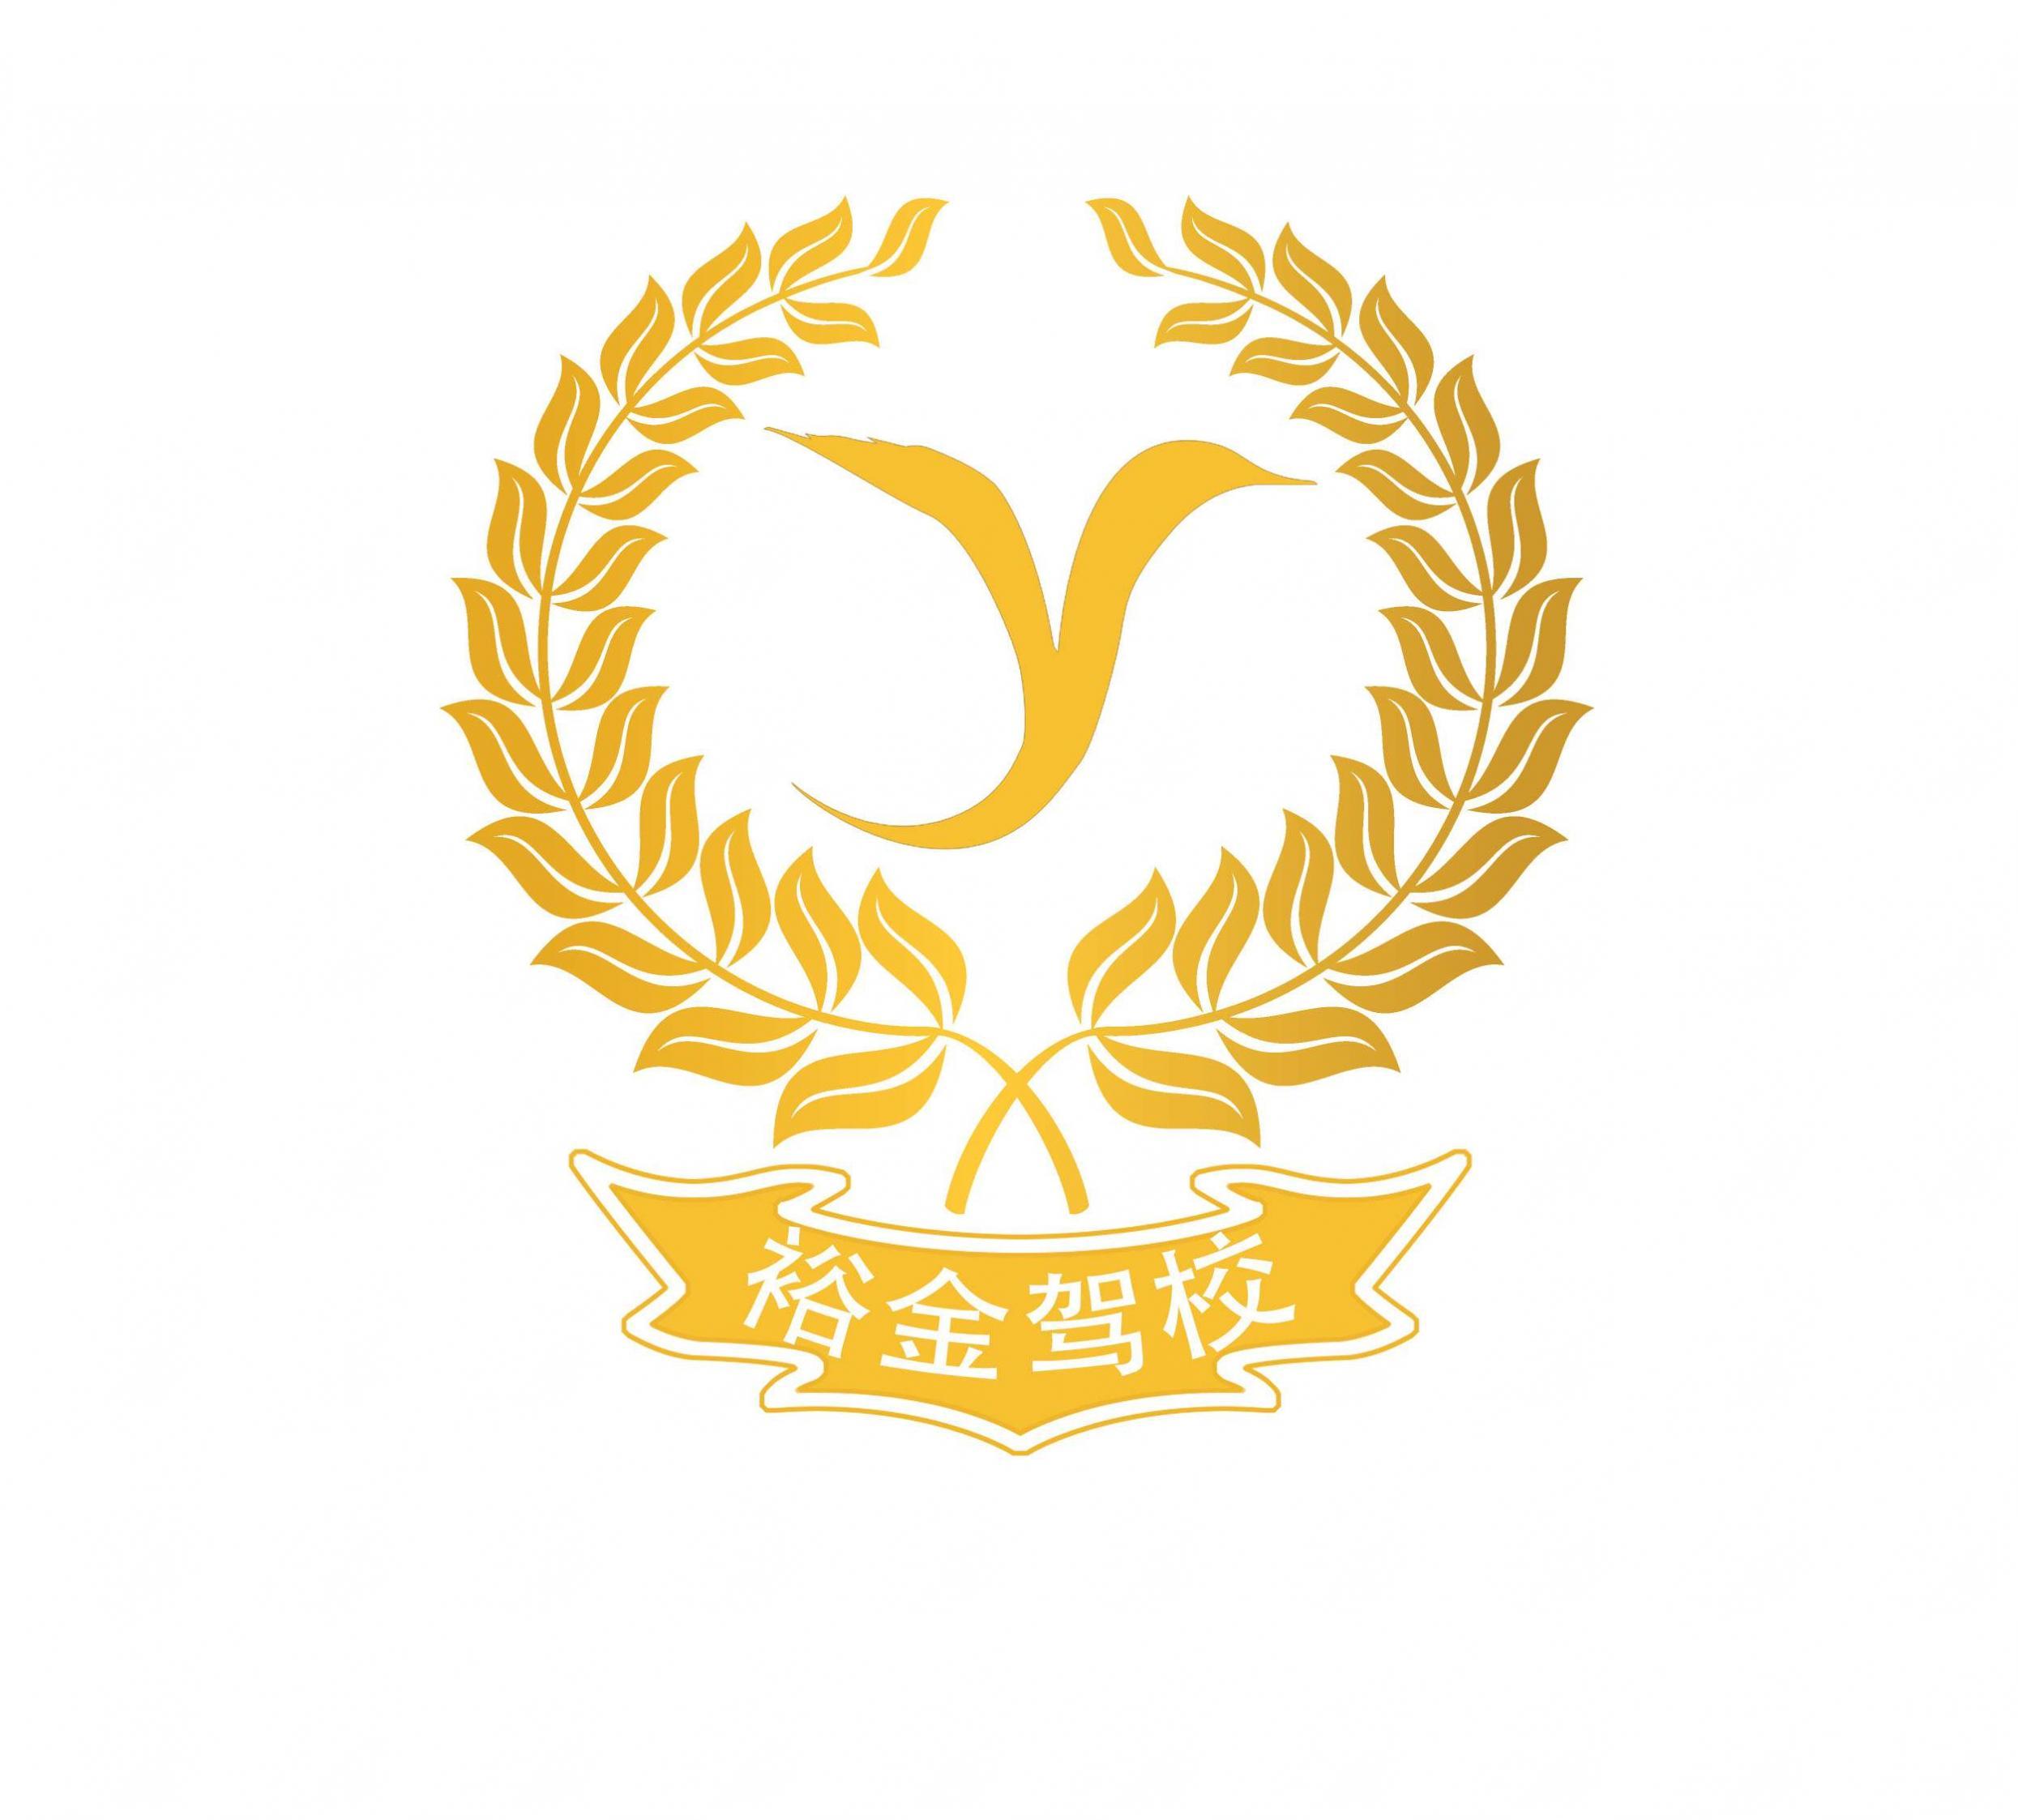 福清裕金驾校